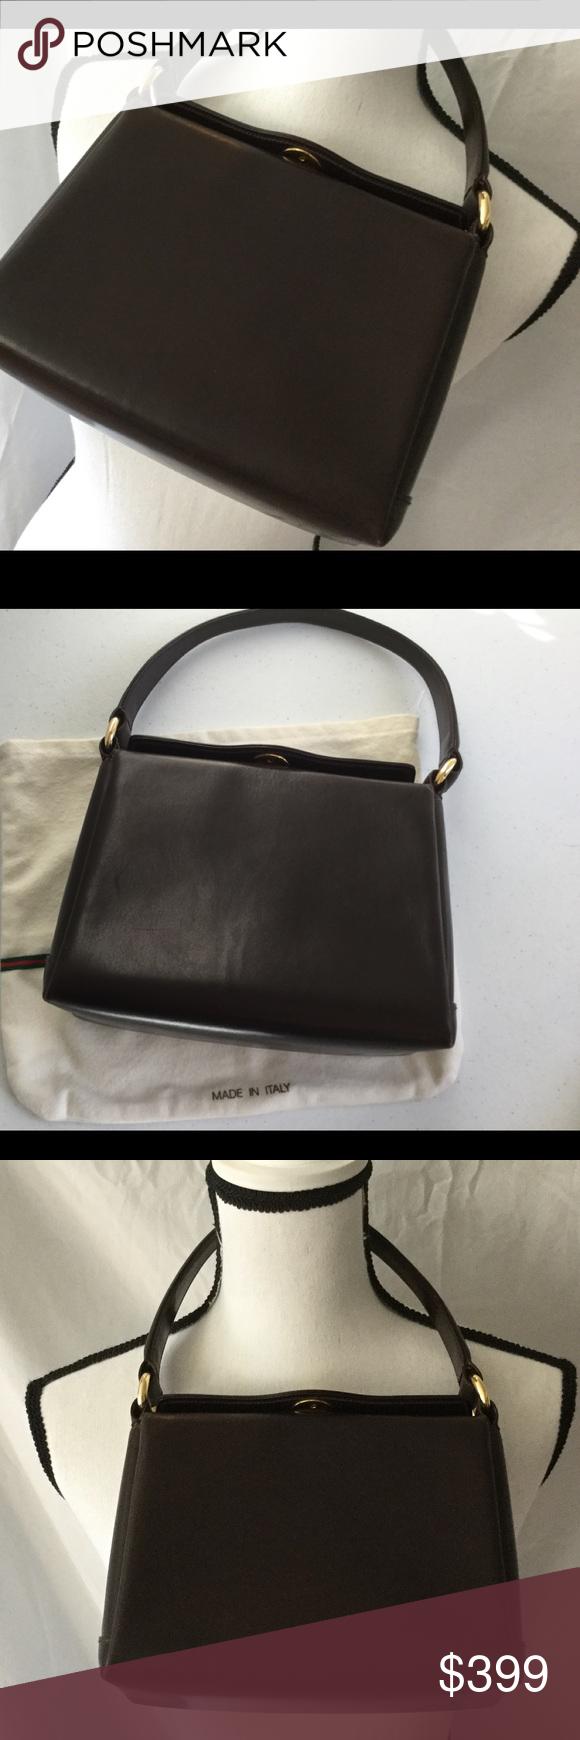 Gucci Vintage Brown Leather Pocket Book Gold One Gucci Vintage Bag Vintage Gucci Brown Leather Shoulder Bag